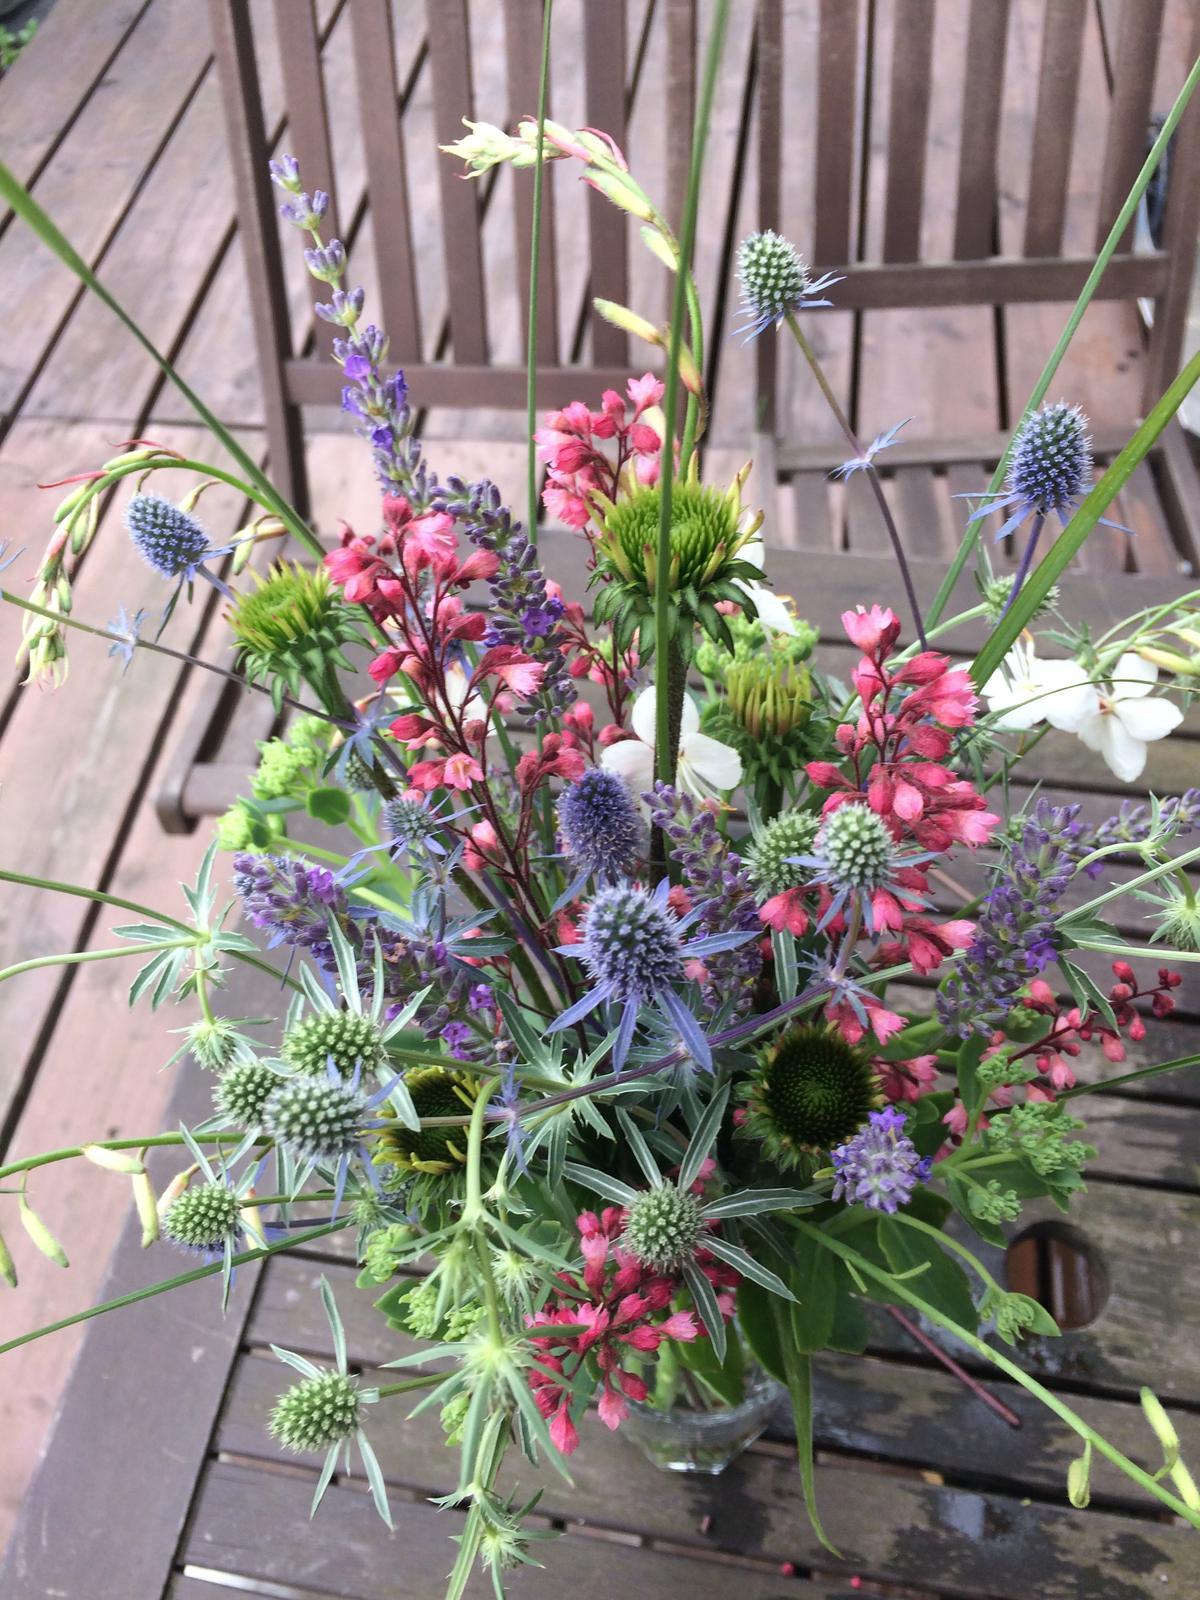 Dekorace z květin Pro radost - hokus pokus.... echinacea, heuchera, gaura, levandule, eryngium, sedum a miscantus